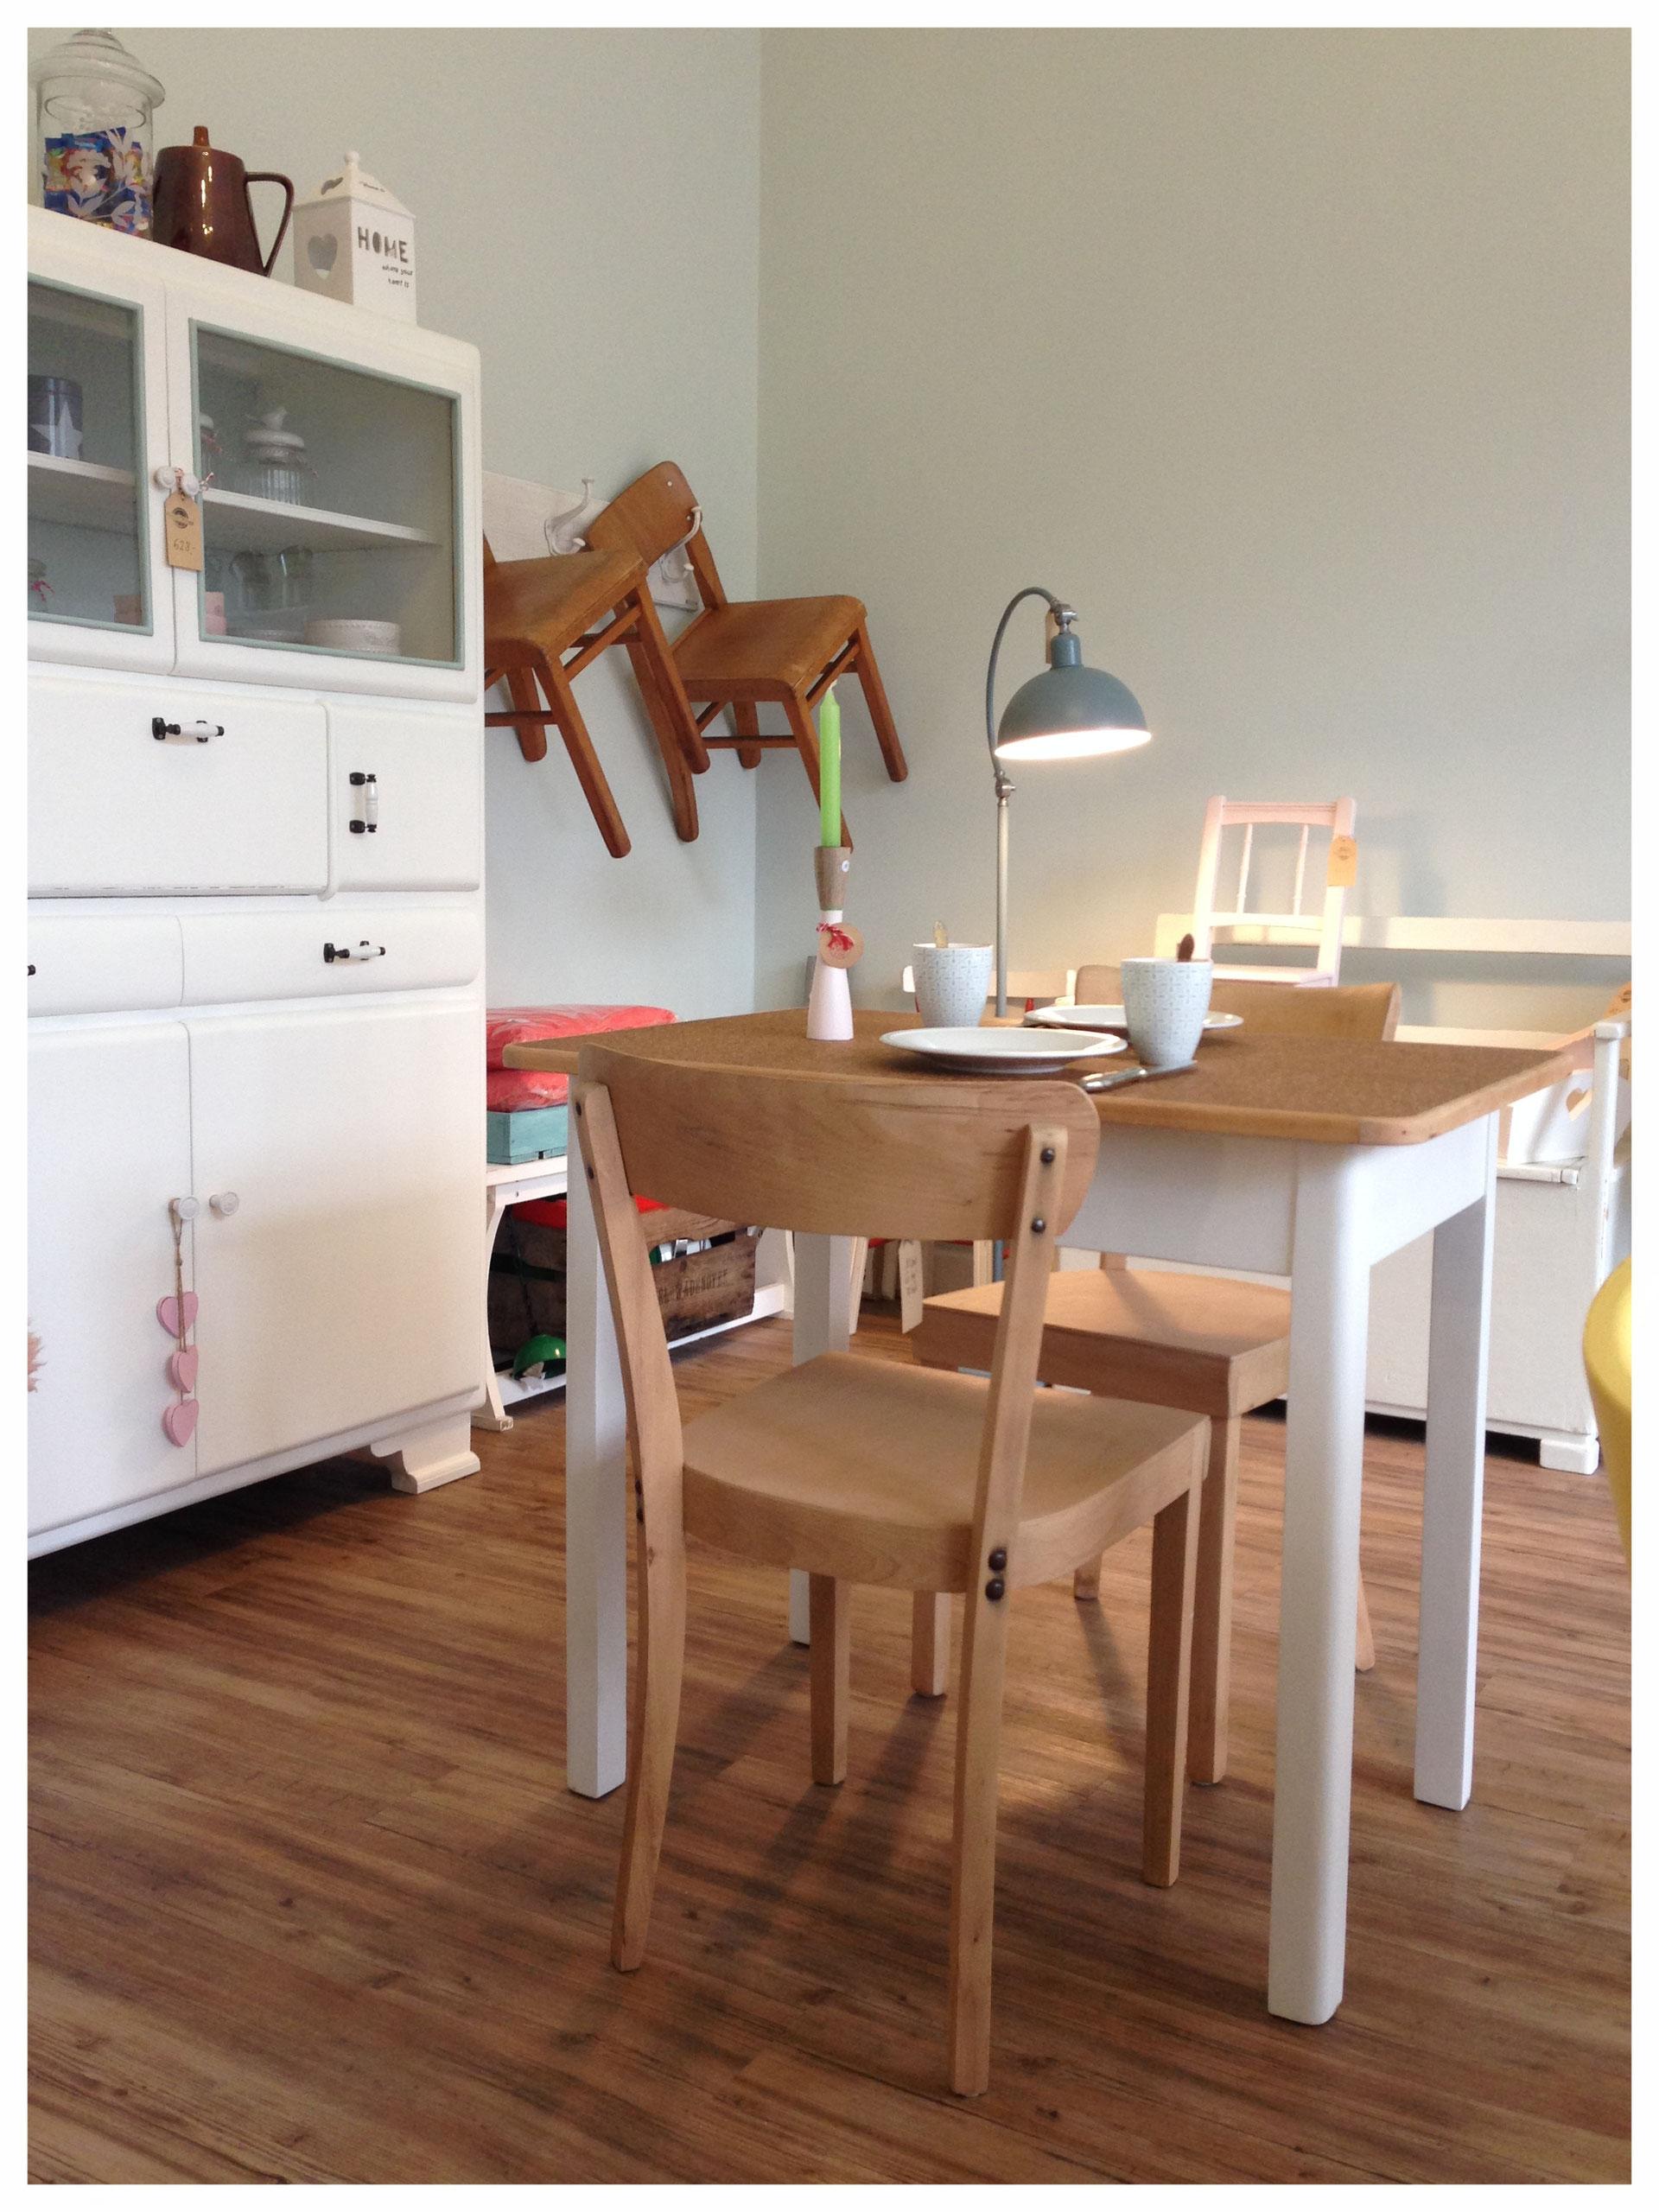 vintage klinik m bel vintage klinik furniture with love and soul antike m bel tische. Black Bedroom Furniture Sets. Home Design Ideas